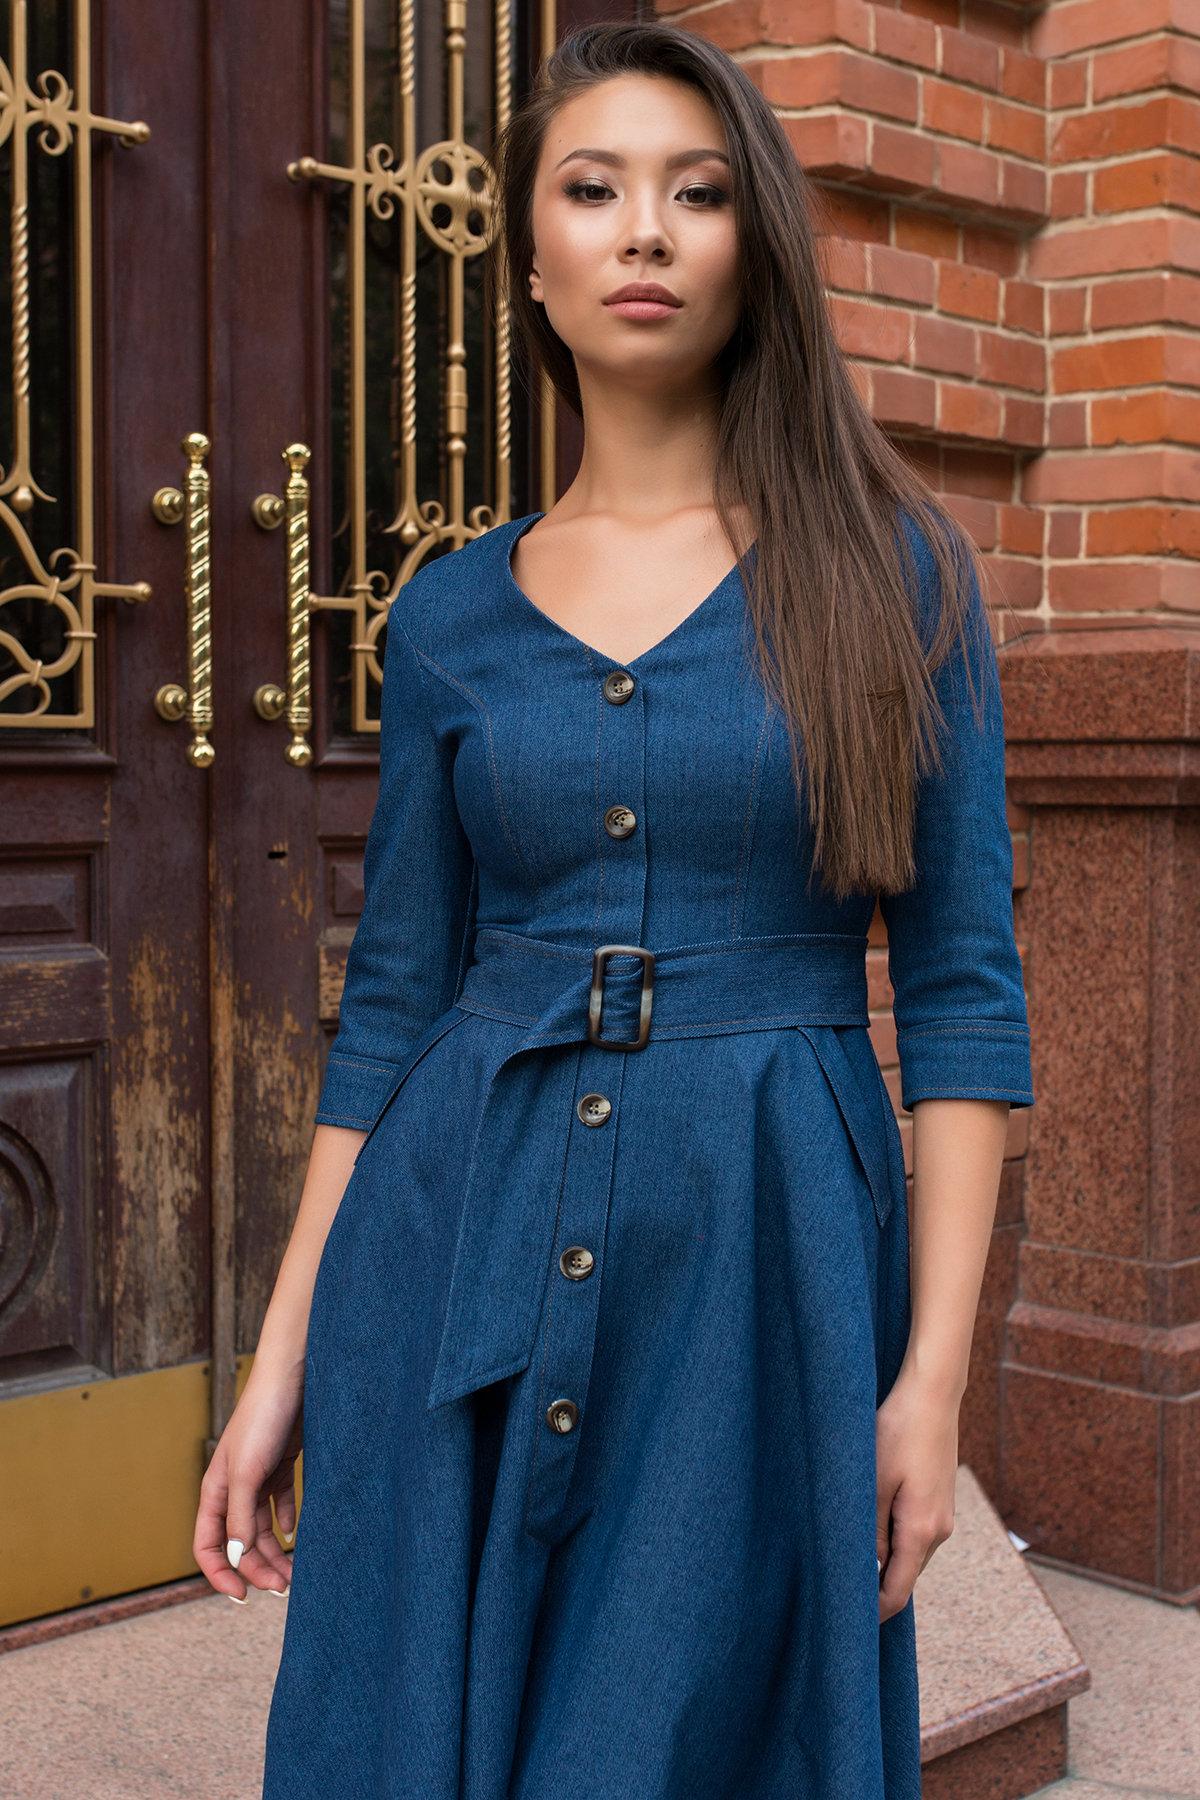 Повседневное платье цвета джинс Лелли 7791 АРТ. 43869 Цвет: Джинс - фото 3, интернет магазин tm-modus.ru